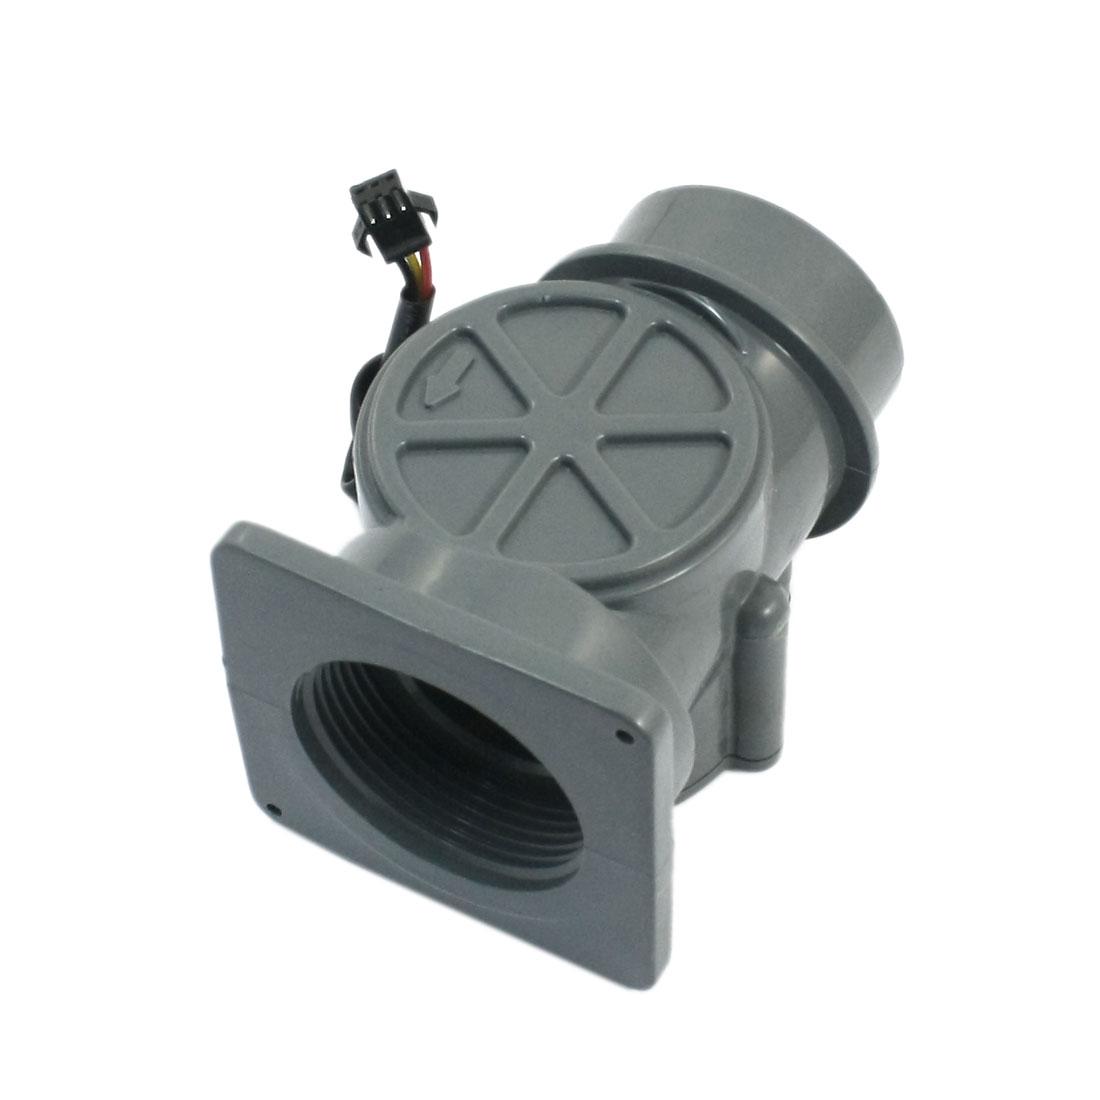 2-200L/min 2Mpa G1 1/2 Water Fluid Flow Control Hall Sensor Meter Flowmeter